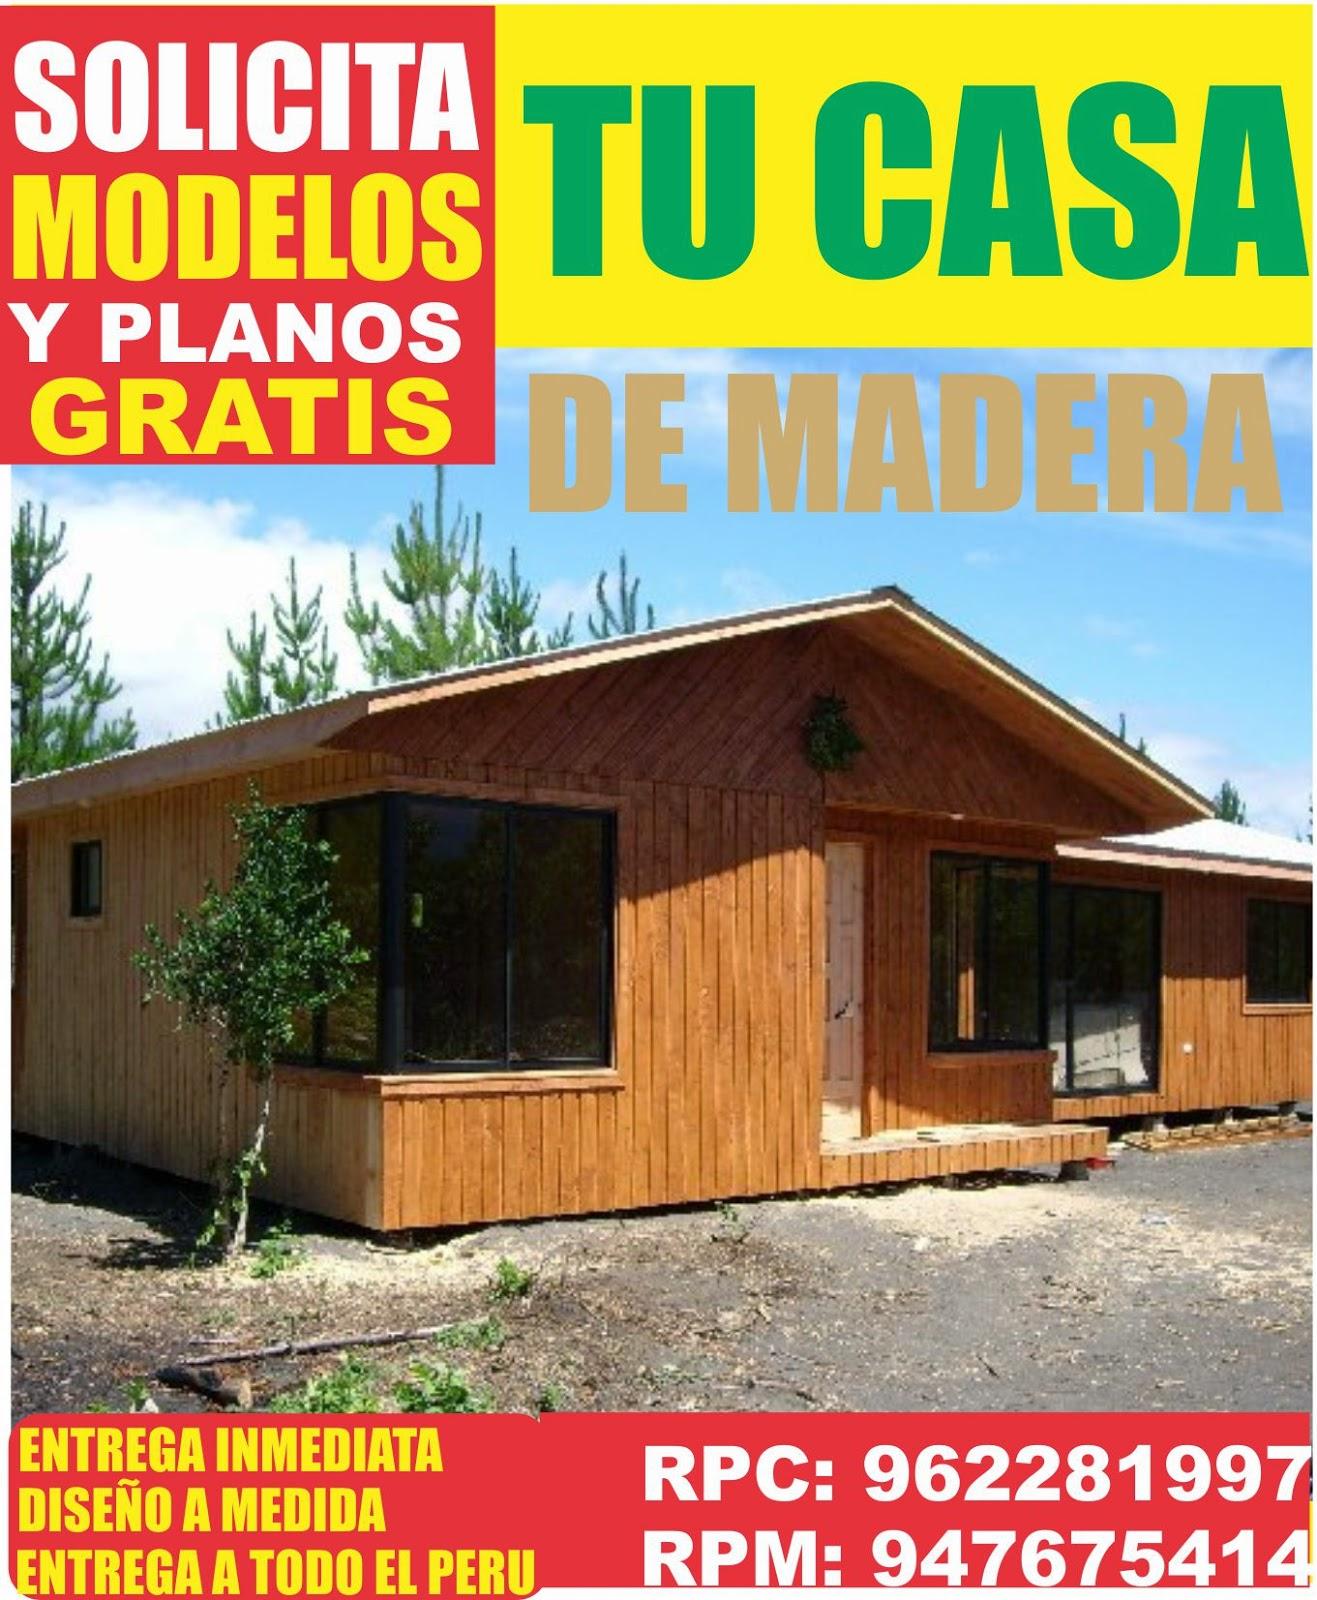 Casas prefabricadas de madera modelos dise o moderno peru - Feria de casas prefabricadas ...